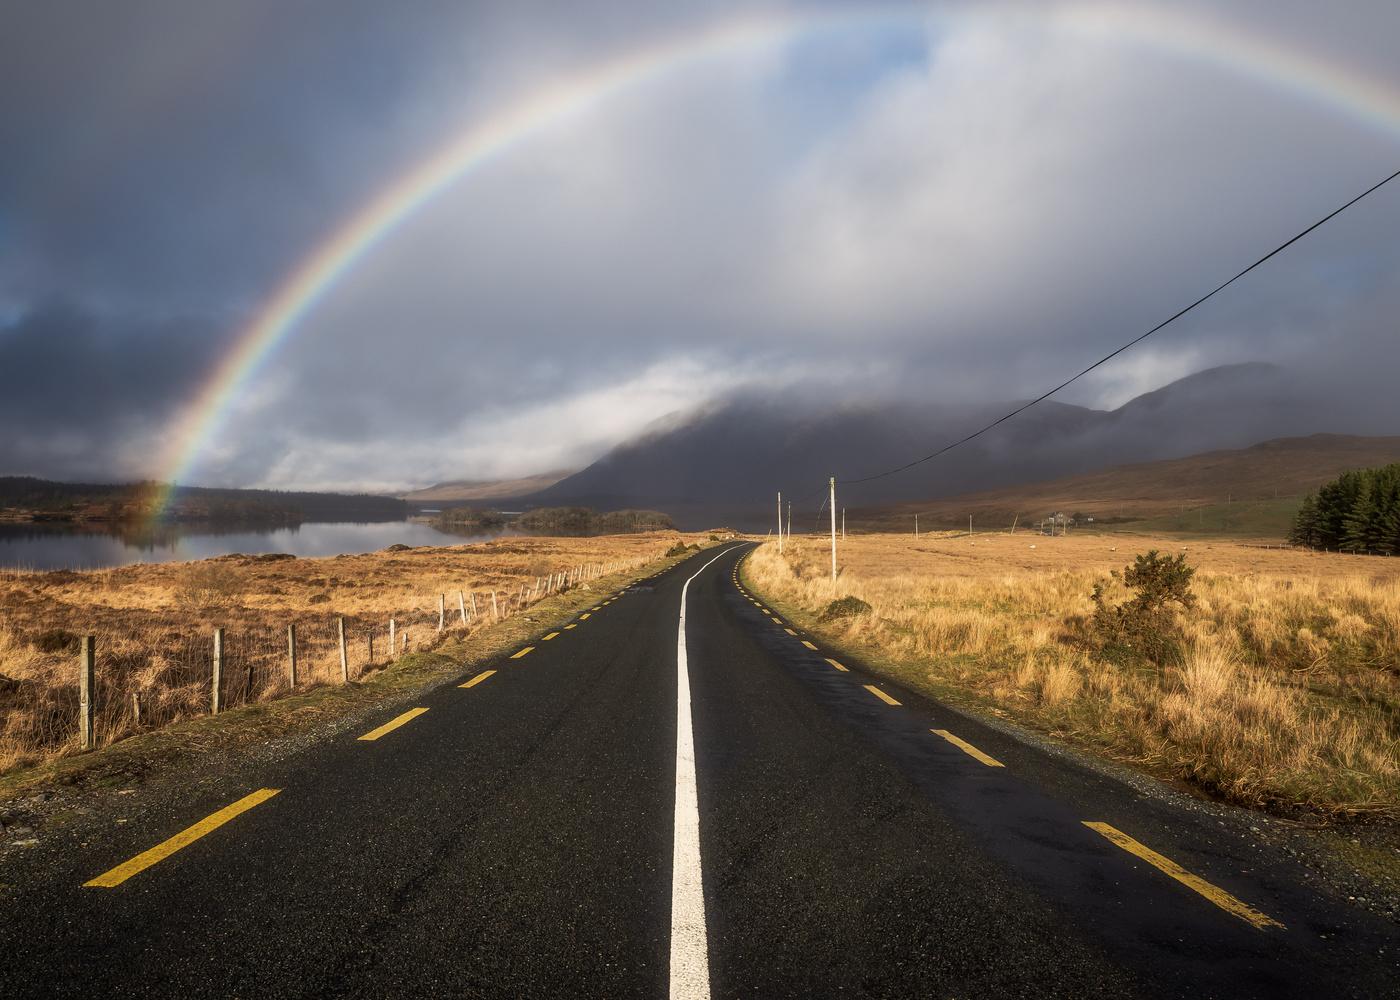 Rainbow Road by Sean O' Riordan